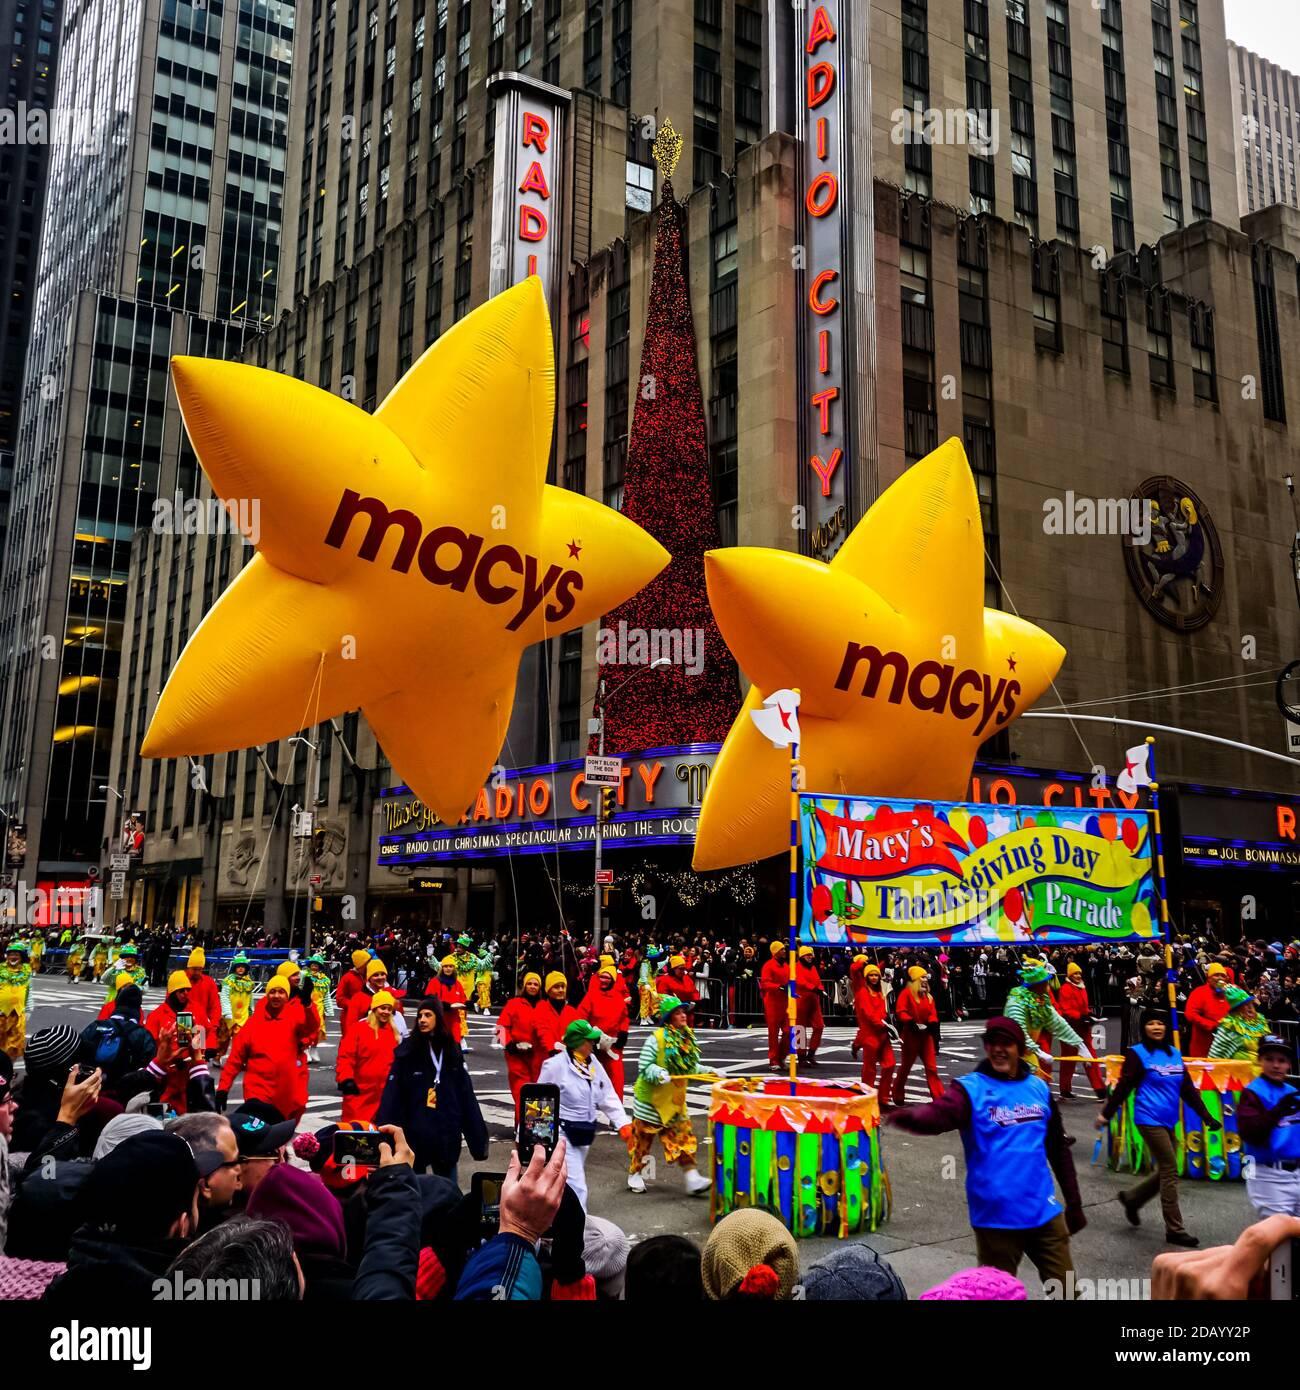 L'annuale giorno del Ringraziamento di Macy parata lungo Avenue of Americas con palloncini che galleggiano nell'aria. Foto Stock